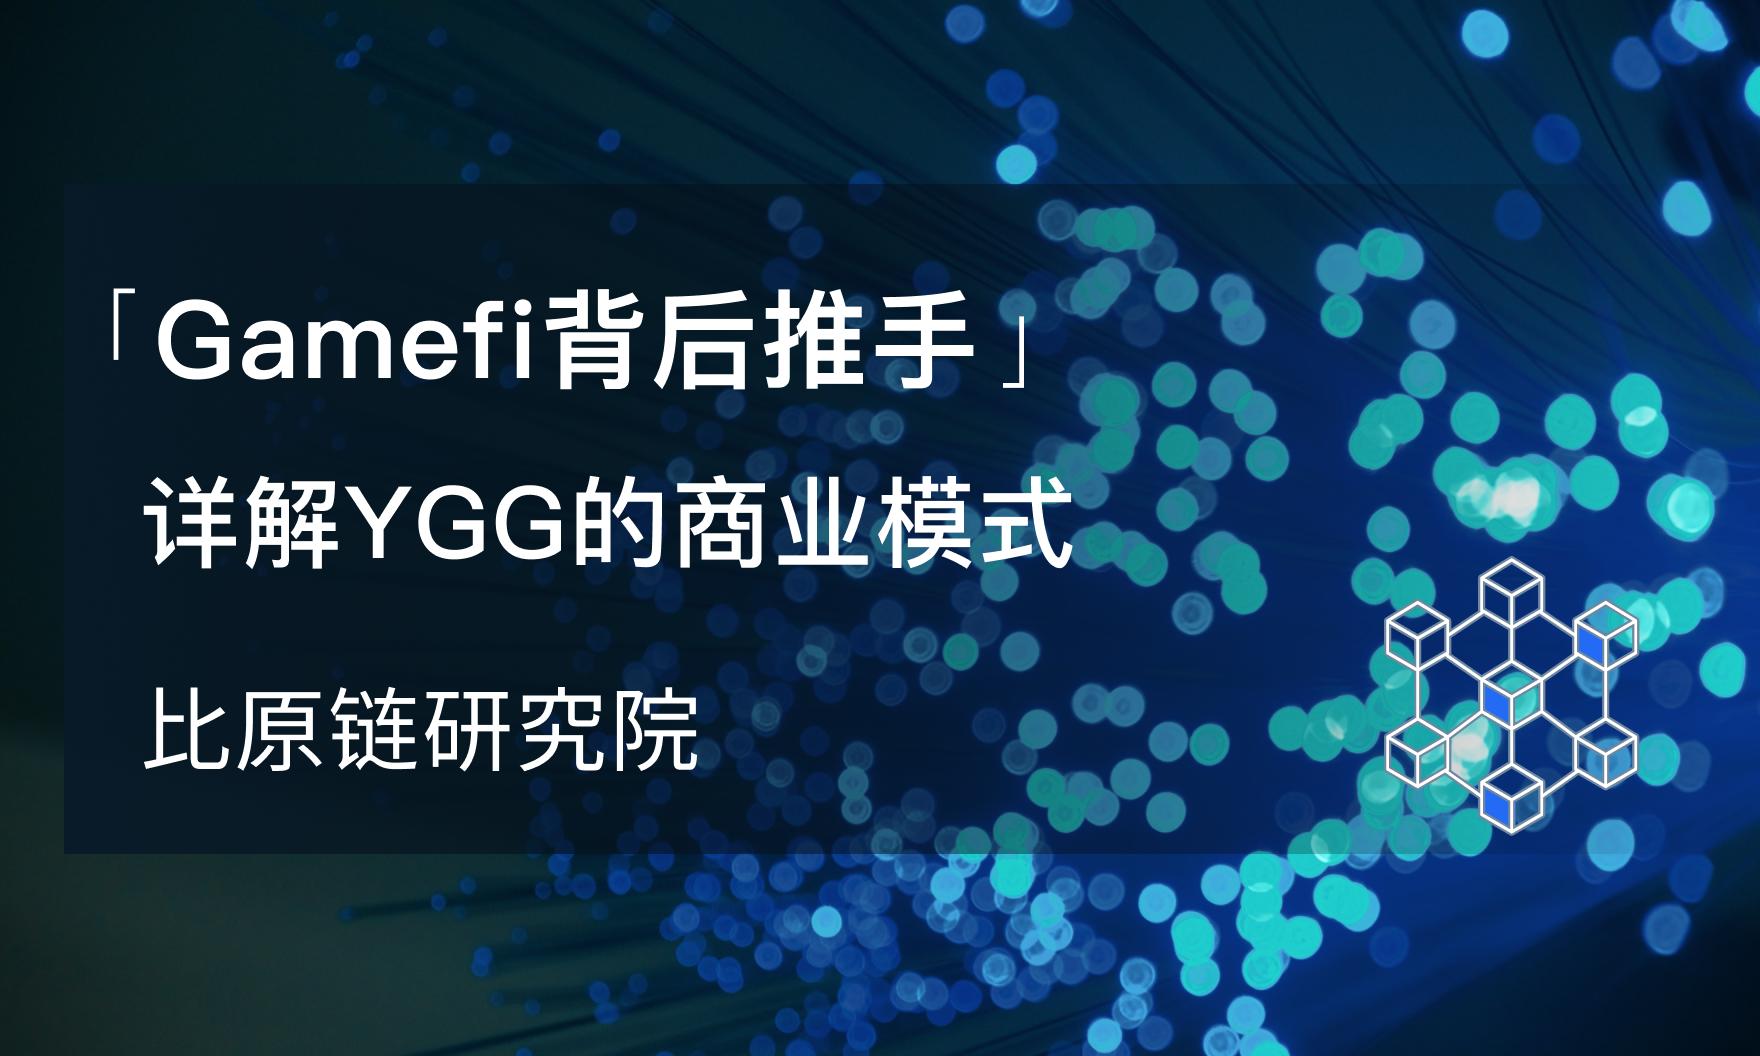 比原链研究院丨详解Gamefi背后推手——YGG的 商业模式